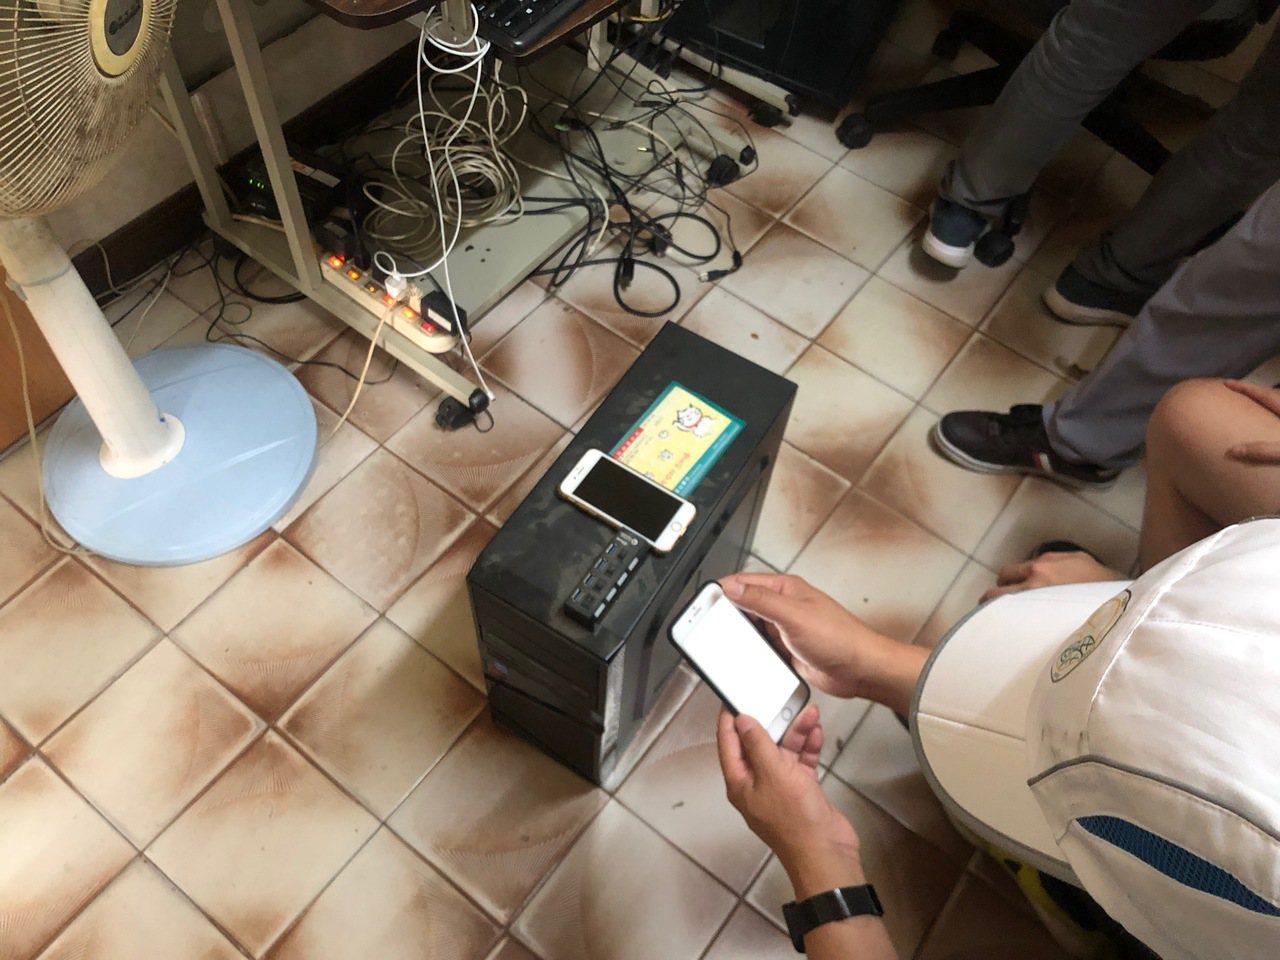 警方在現場查扣電腦主機和手機等贓證物。圖/刑事局提供